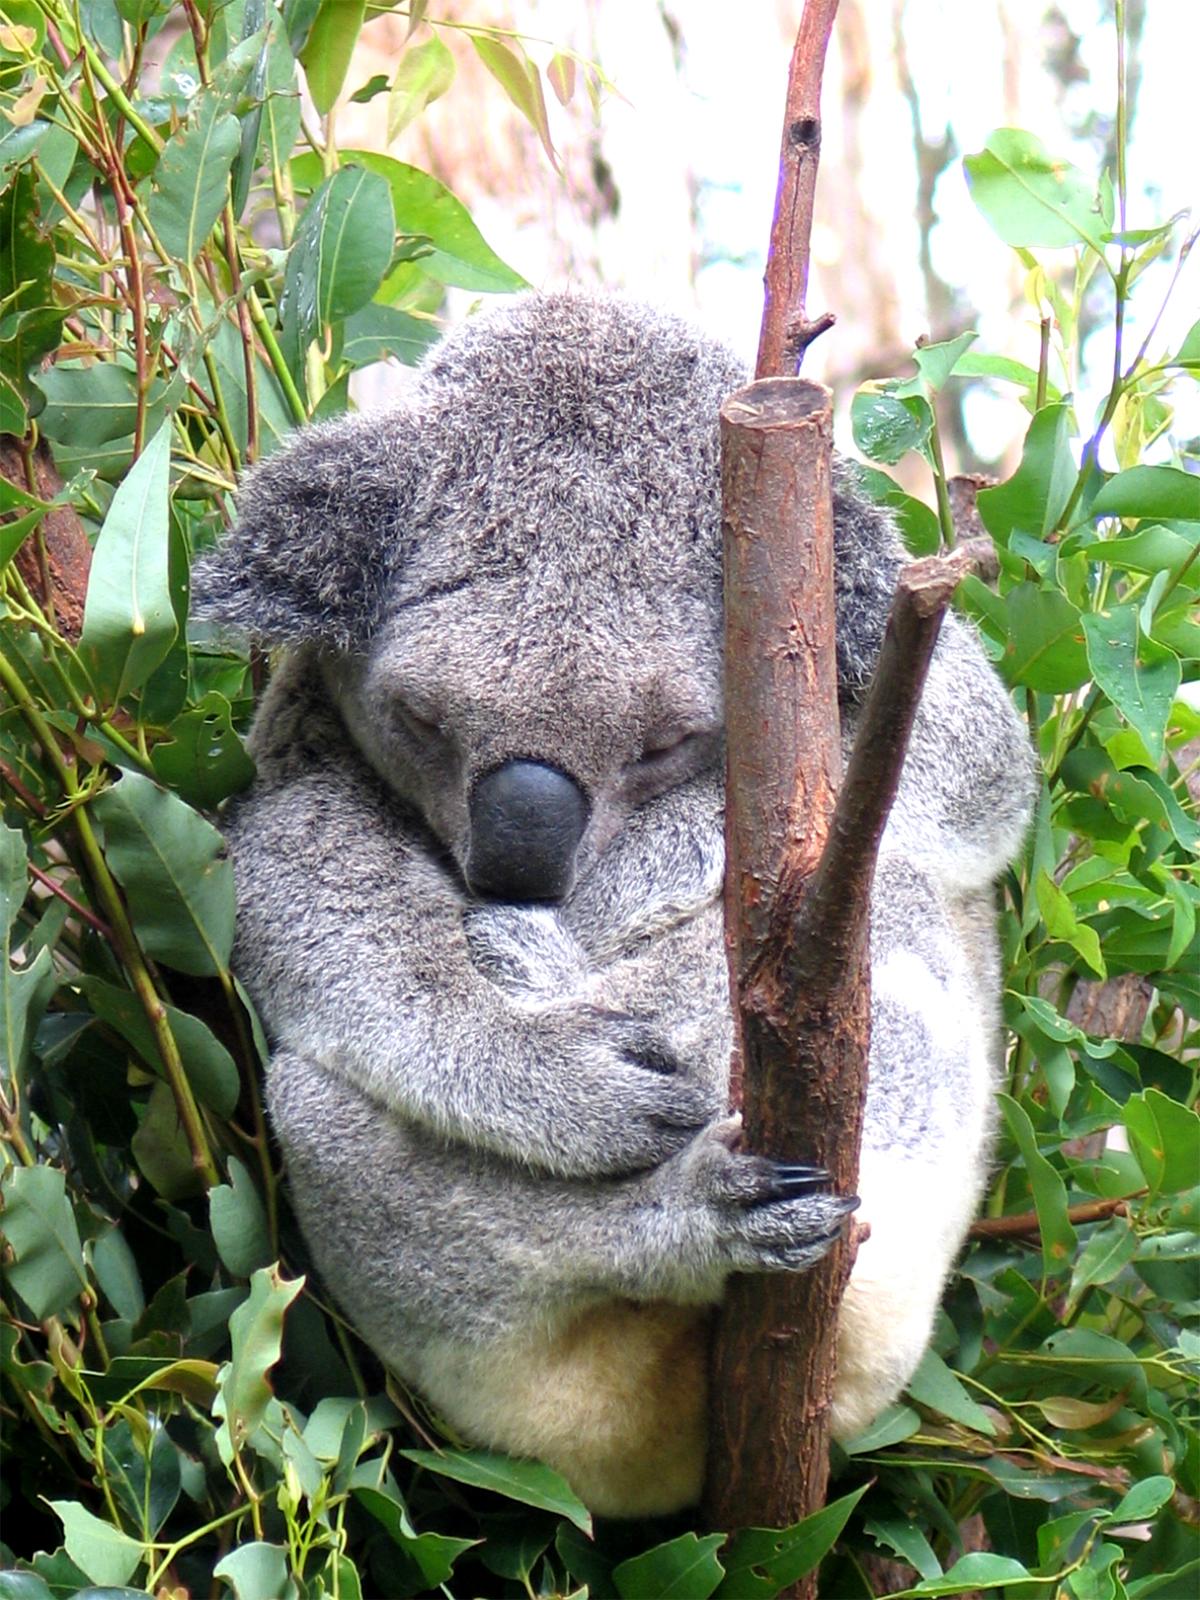 koala enfin r pertori comme une esp ce vuln rable en australie. Black Bedroom Furniture Sets. Home Design Ideas